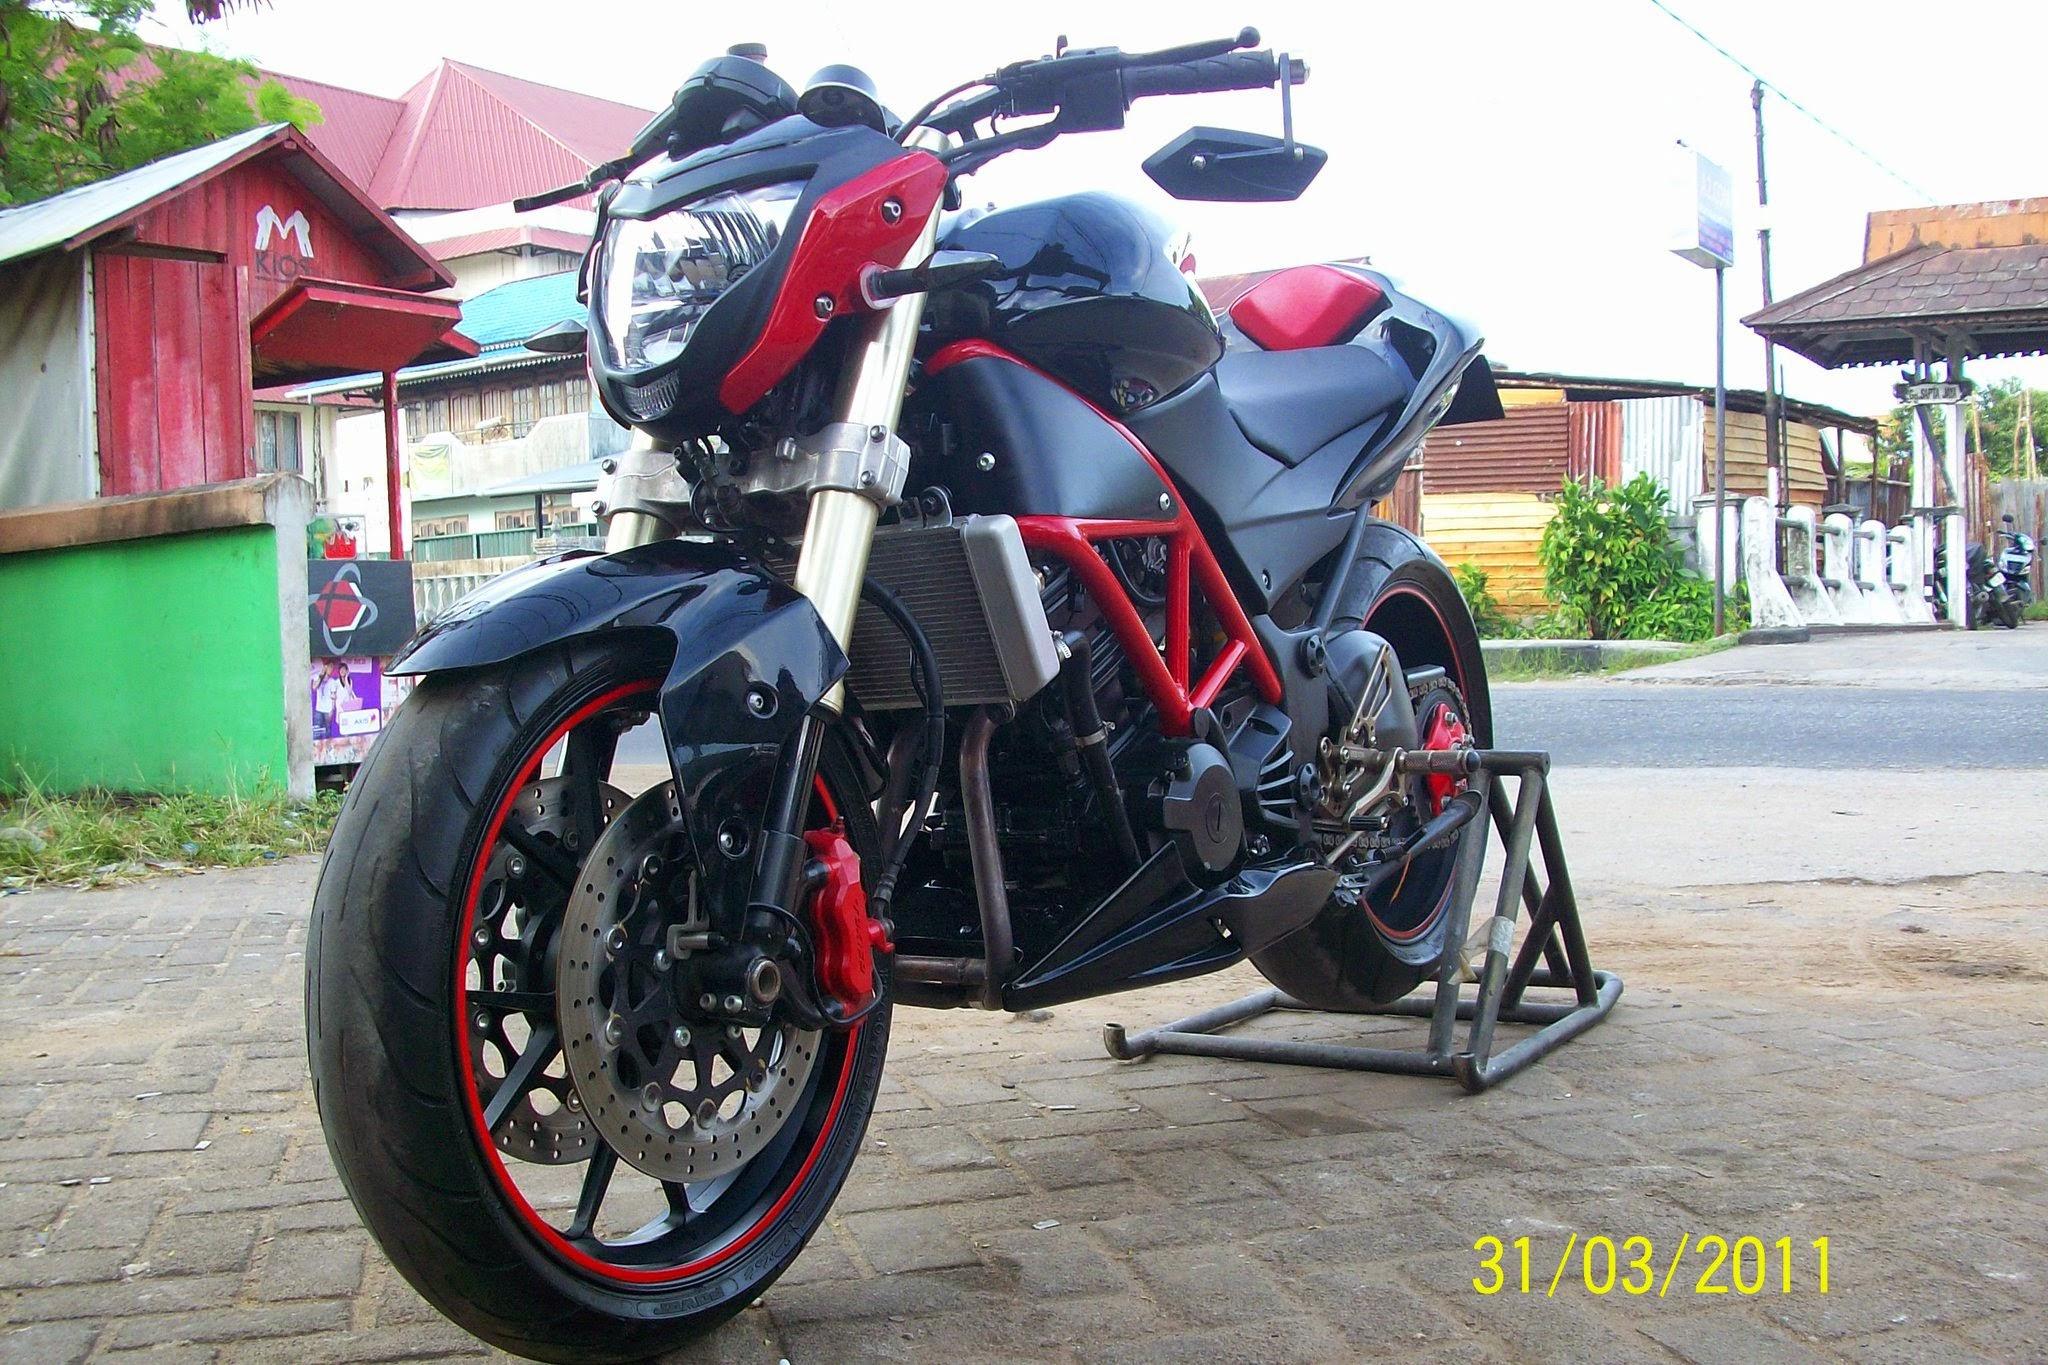 modifikasi ninja rr street fighter model